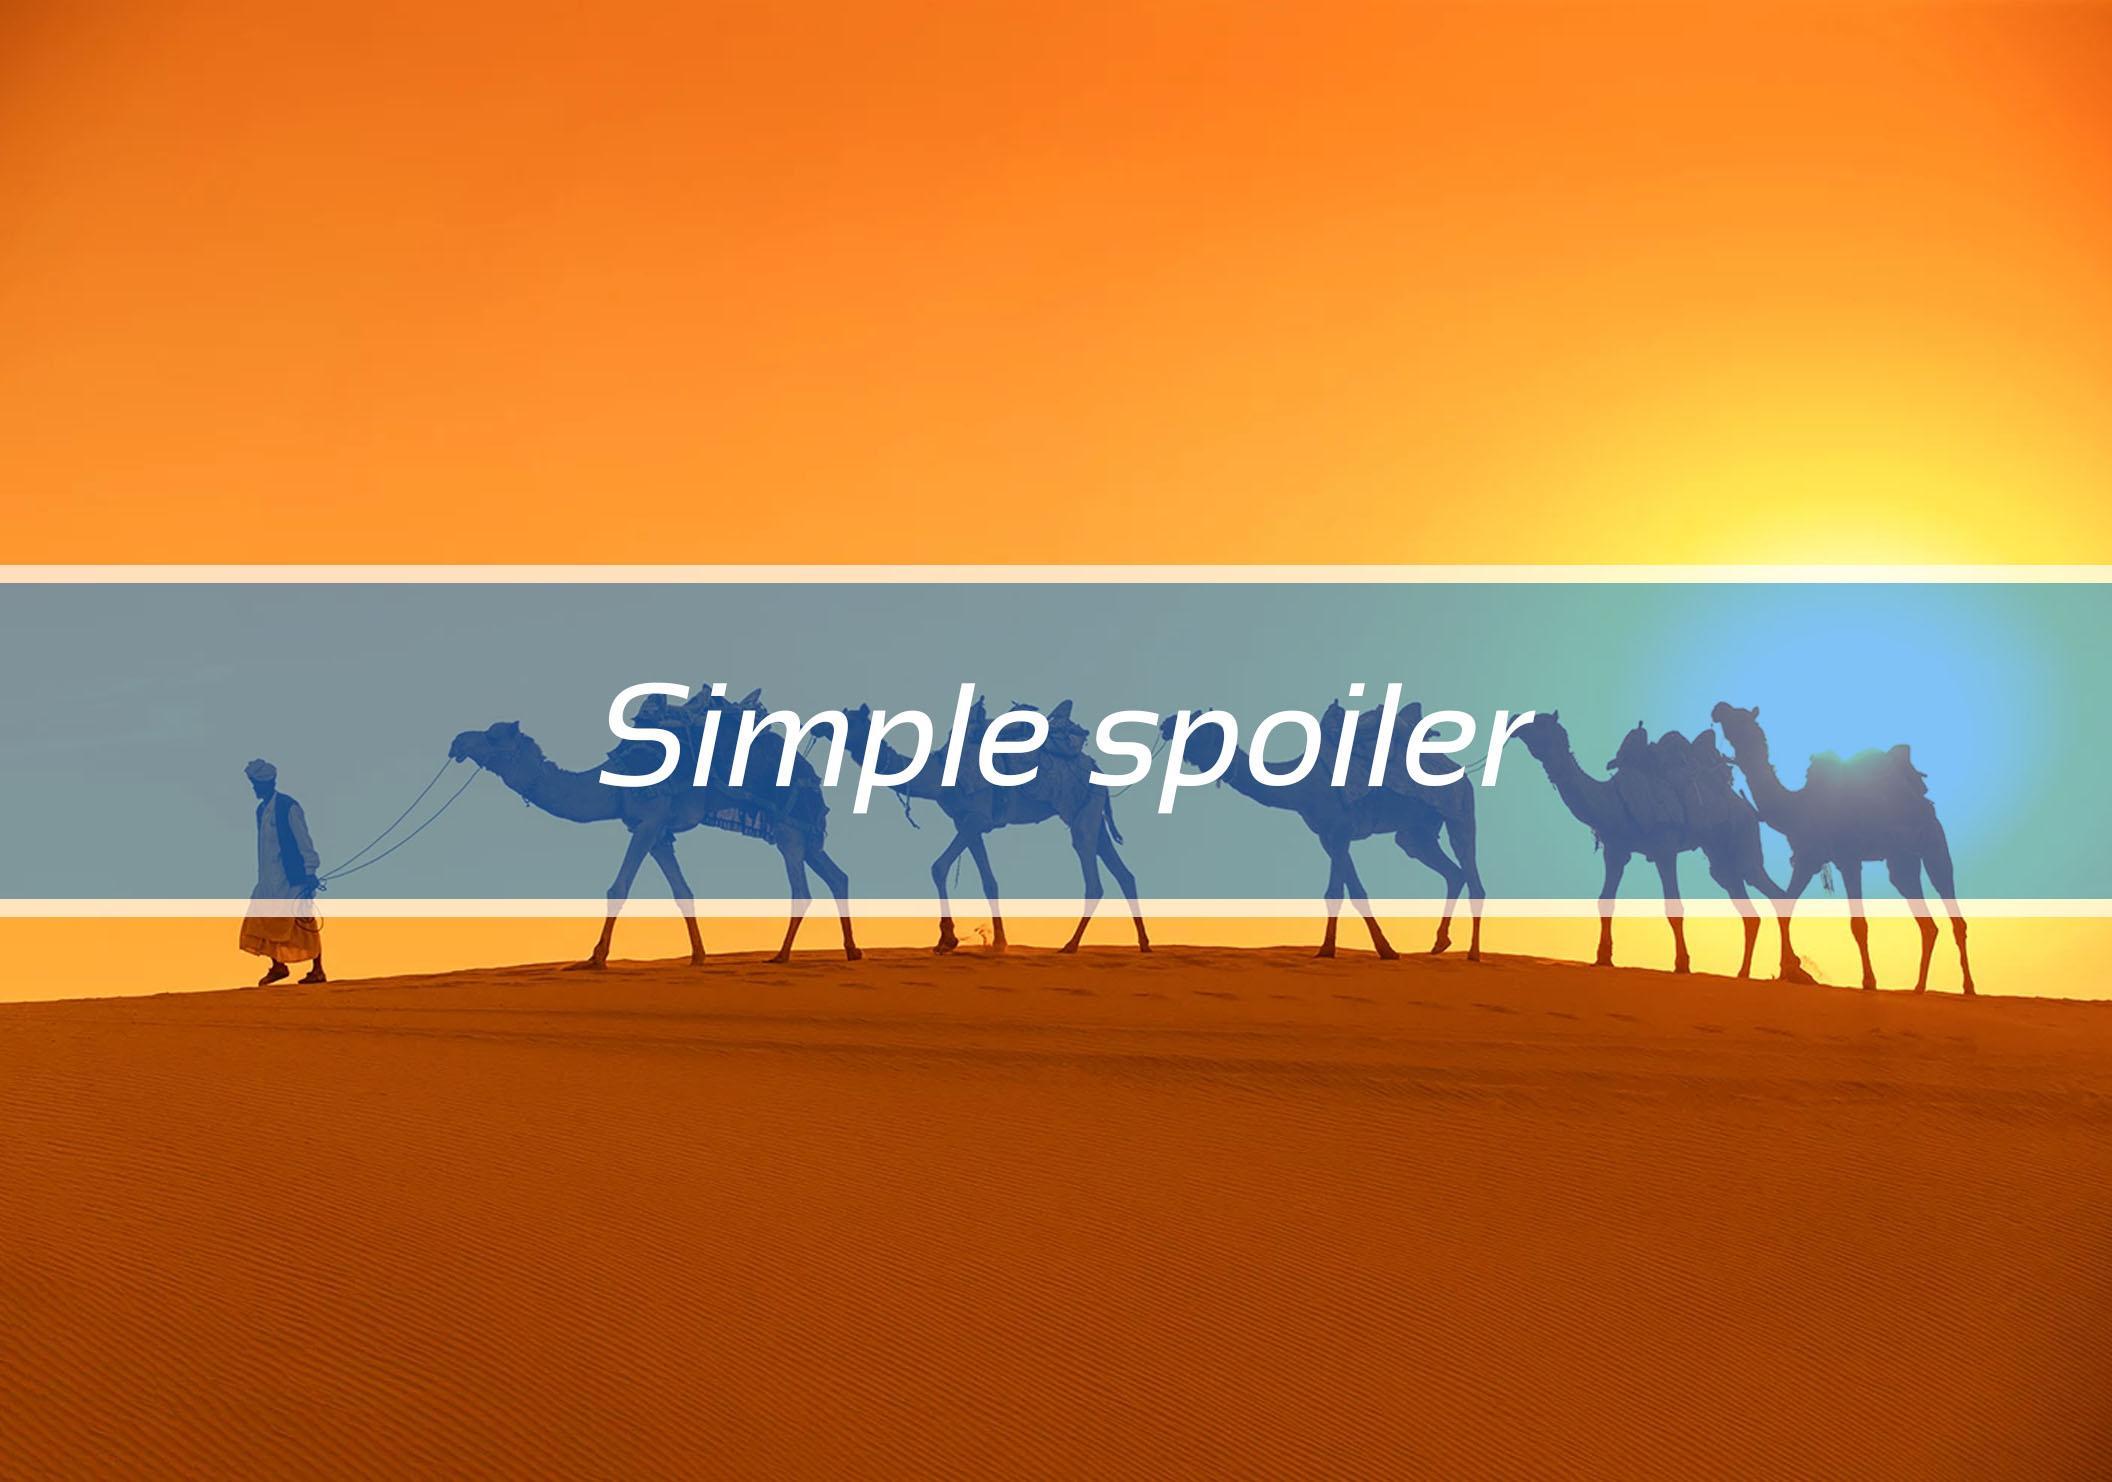 Simple spoiler